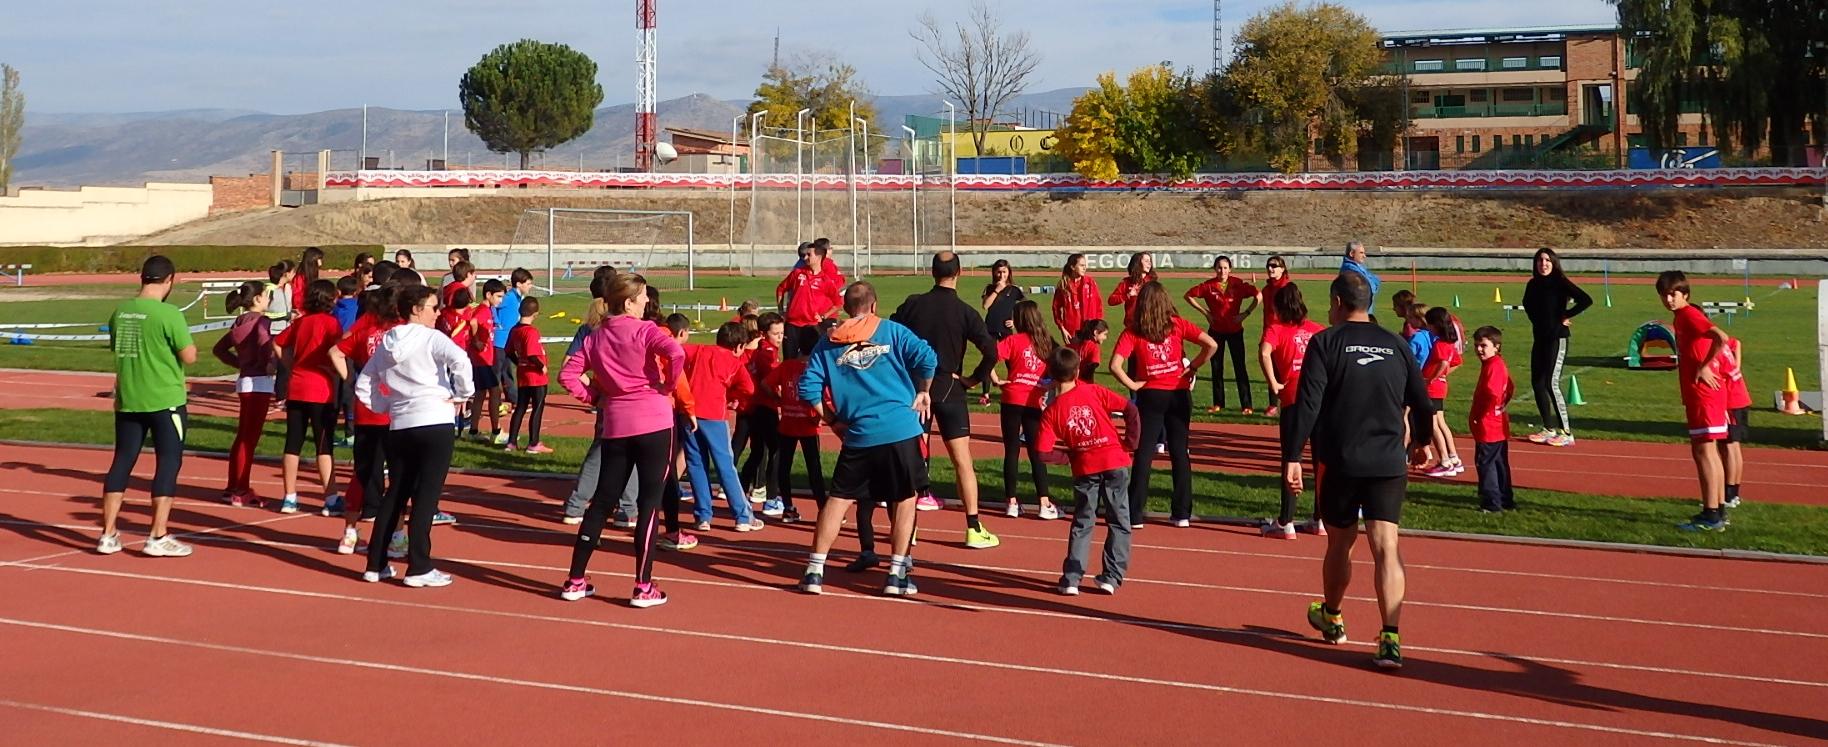 Preinscripción Escuela de Atletismo del CAS-Ciudad de Segovia, para la temporada 2017-2018